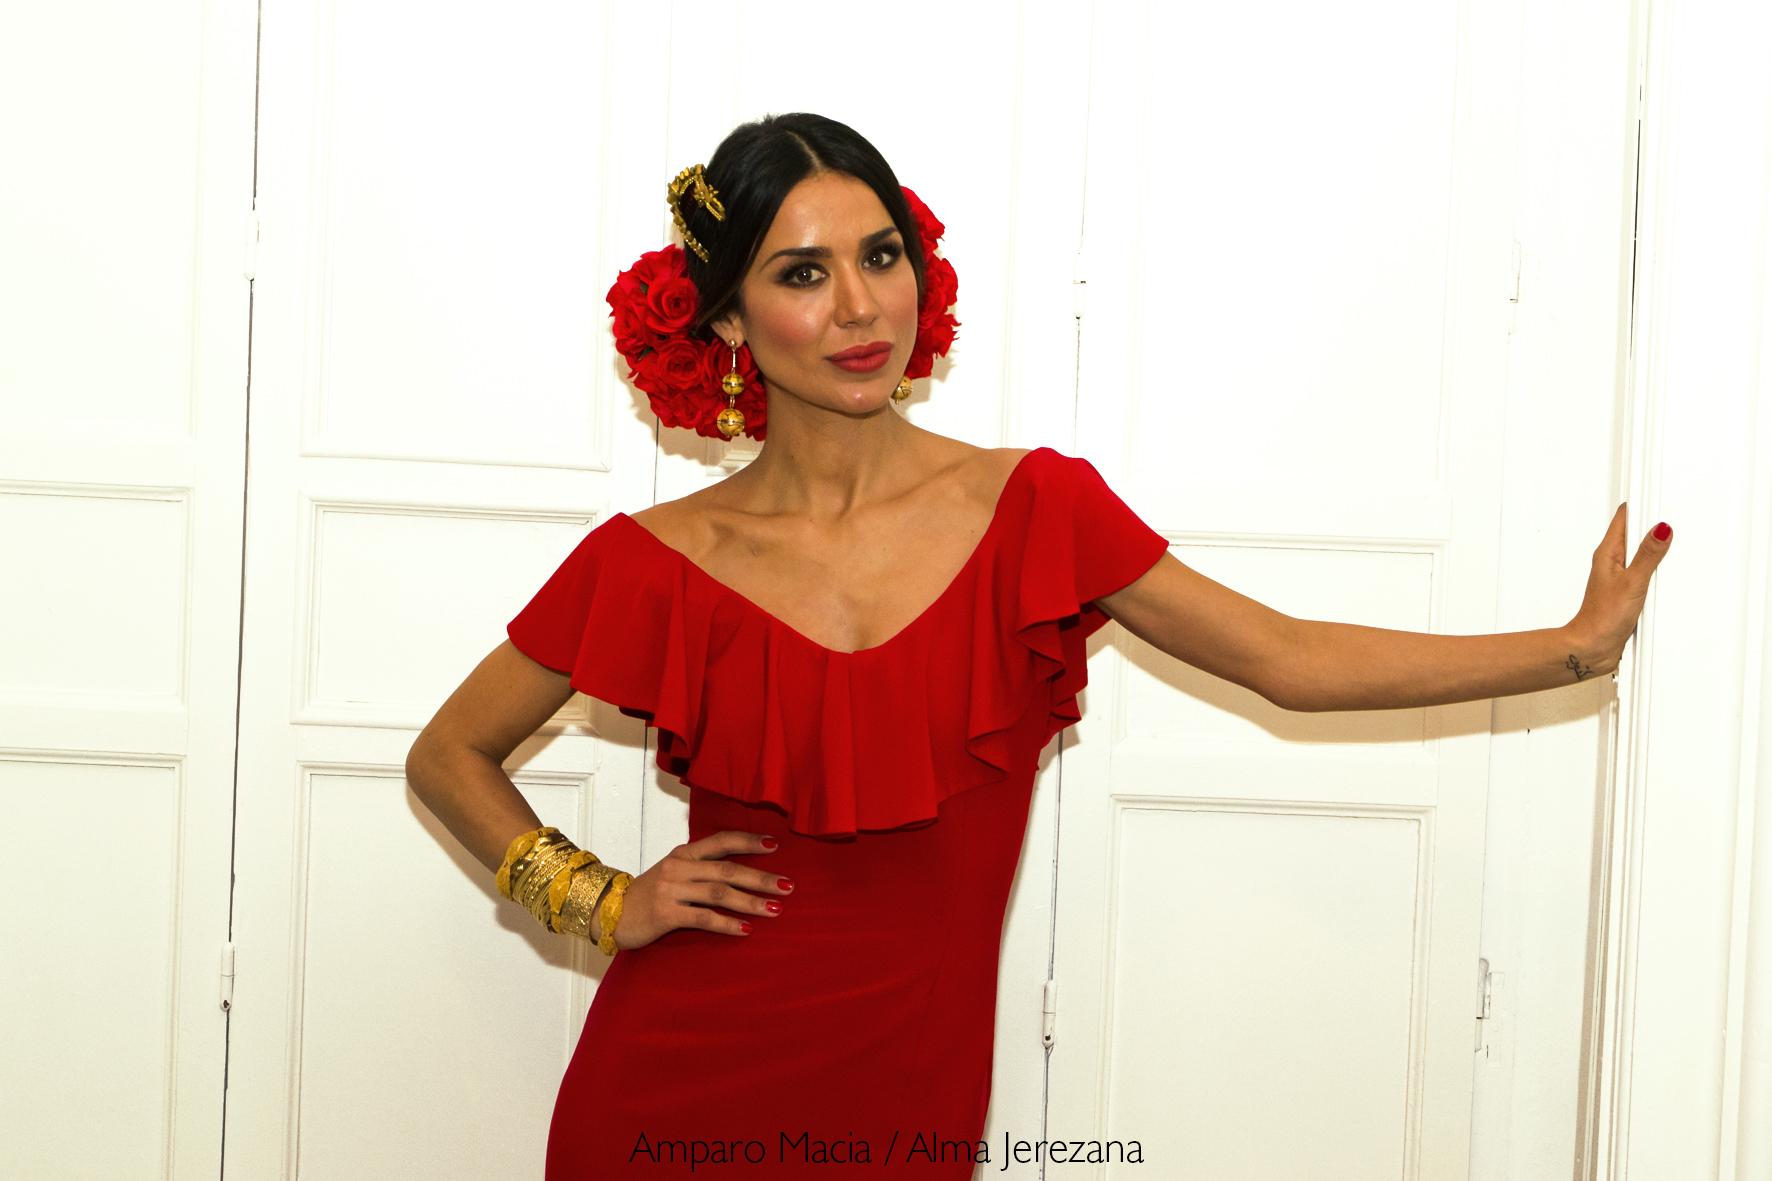 Amparo Macia: el sello jerezano de la moda flamenca